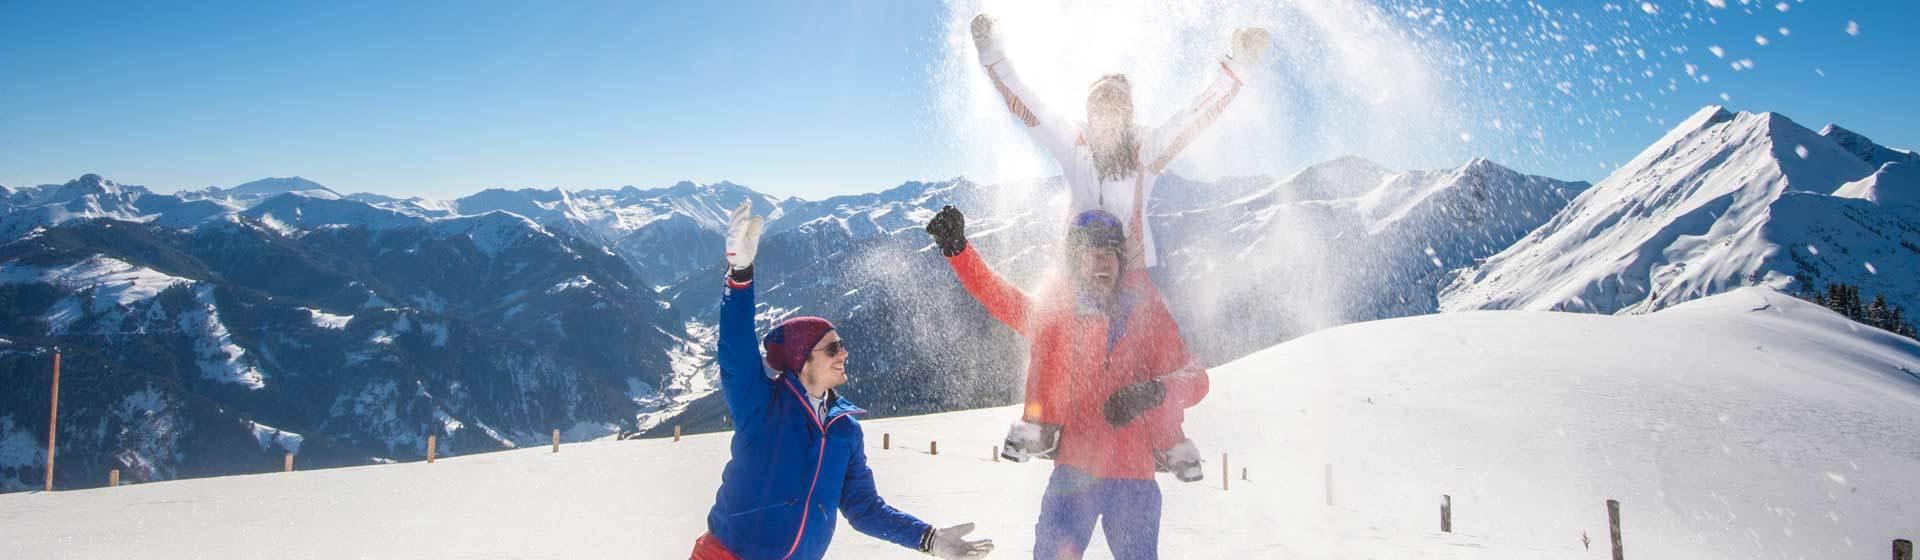 Freunde stehen vor Berglandschaft im Winter und werfen Schnee in die Luft